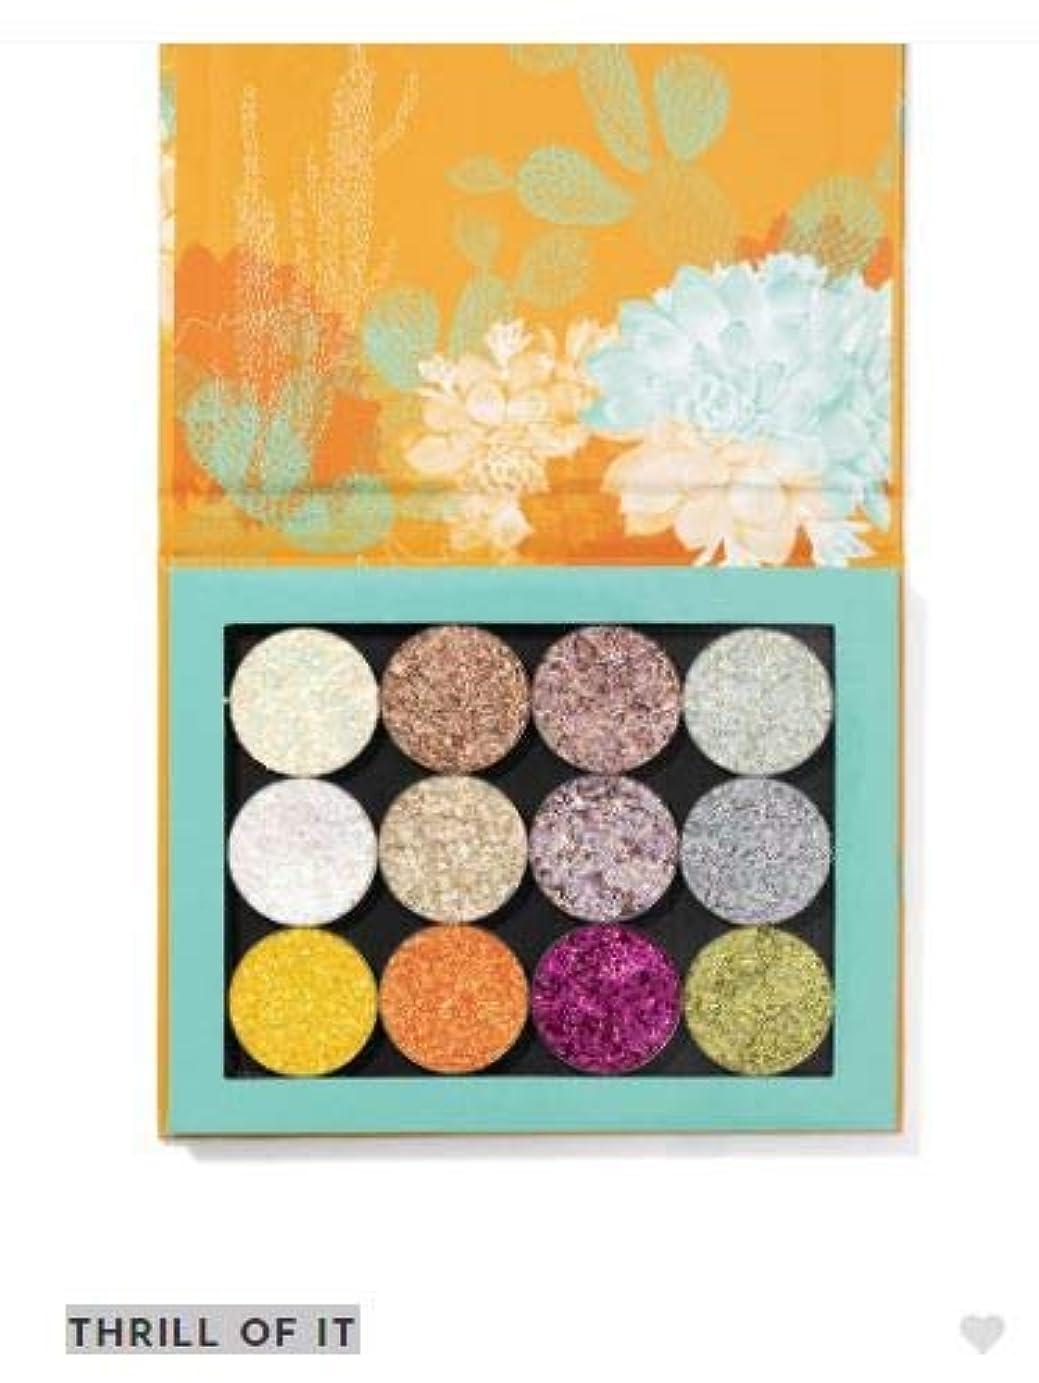 渇きアルミニウム複雑カラーポップ ColourPop THRILL OF IT アイシャドウ eyeshadow